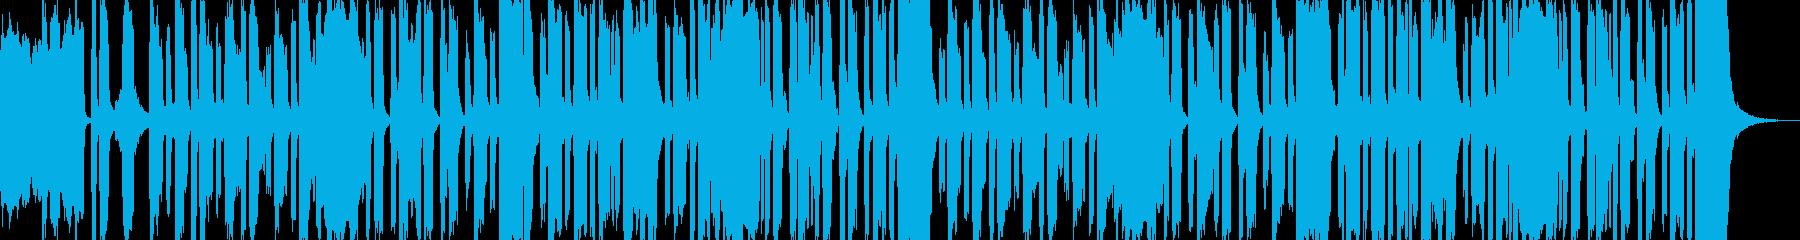 コミカルでワクワクしてくるような曲の再生済みの波形